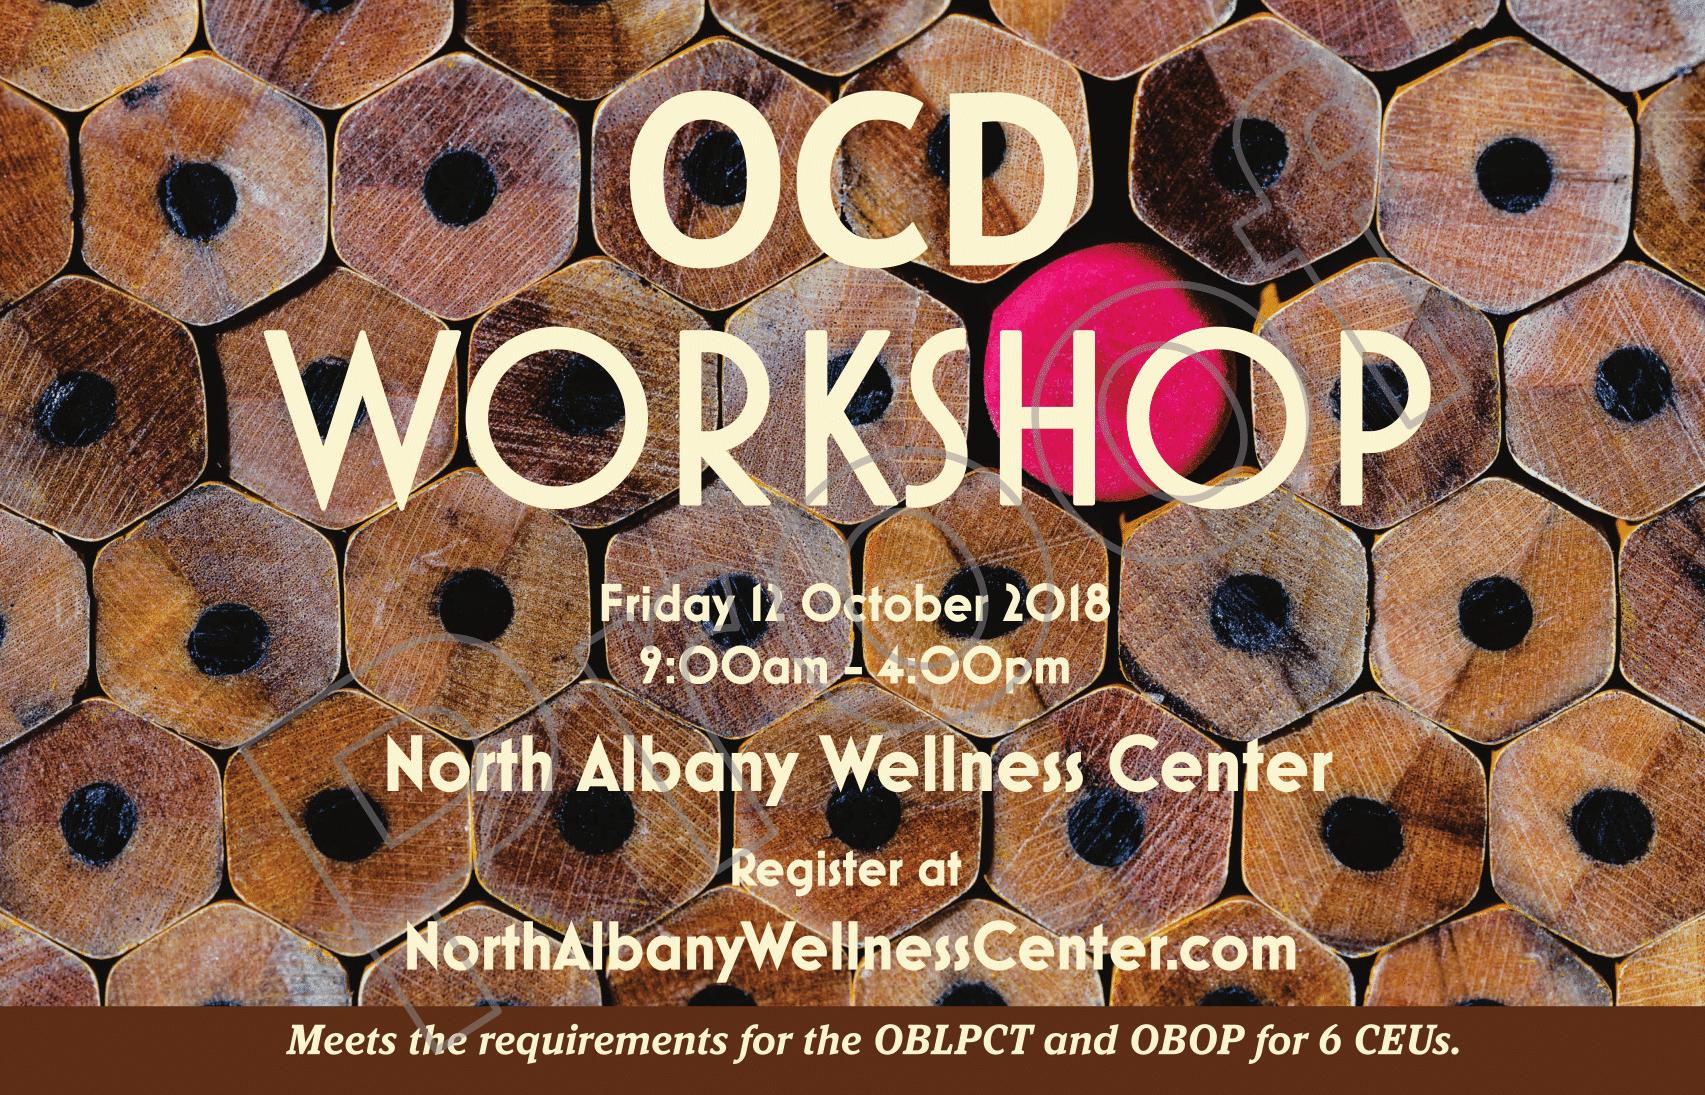 OCD Workshop postcard - Proof for 10.12.18-1.png